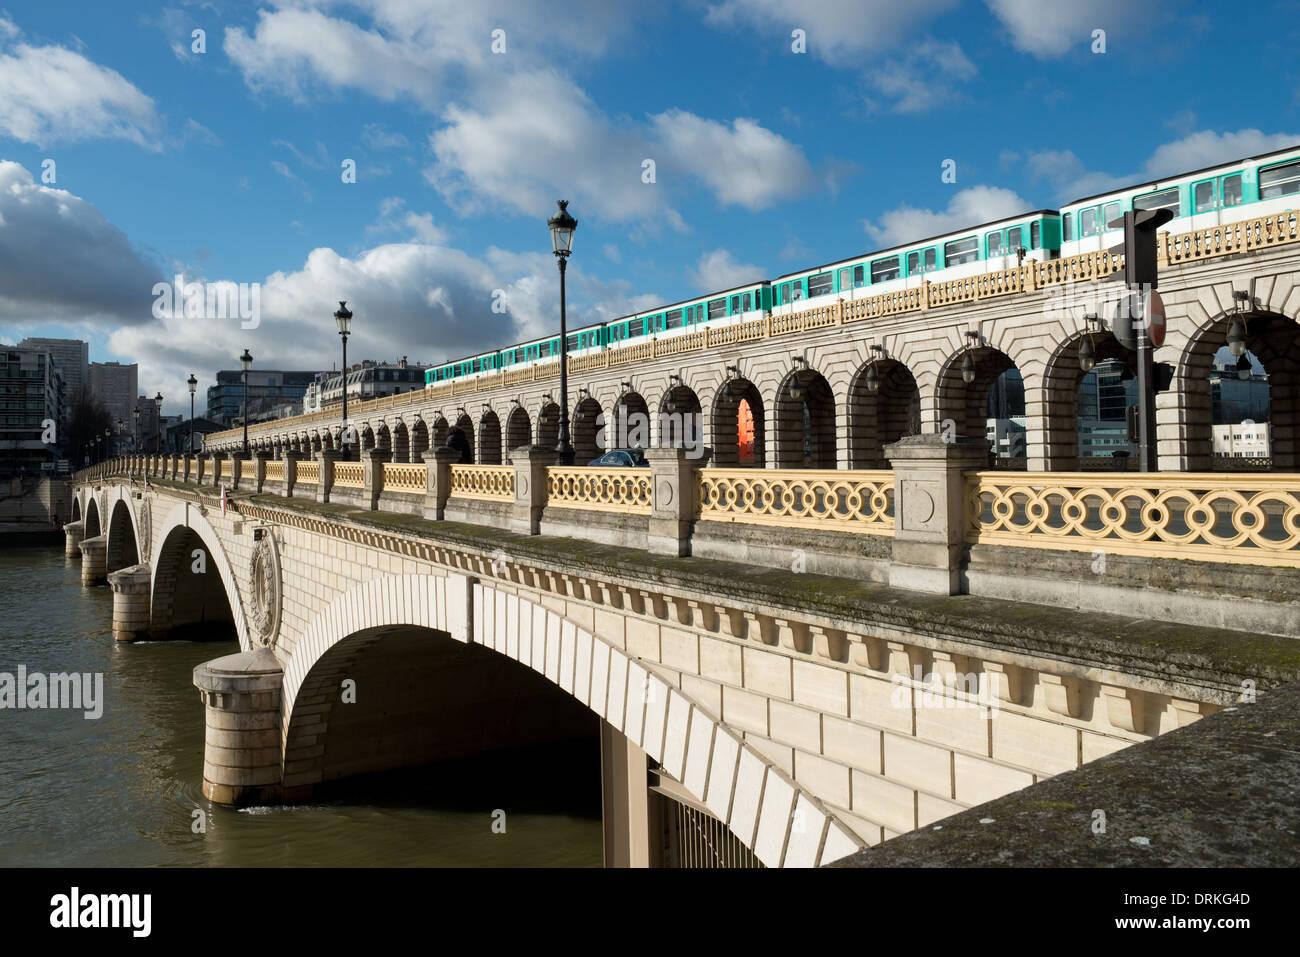 Pont de Bercy Paris France -1 - Stock Image